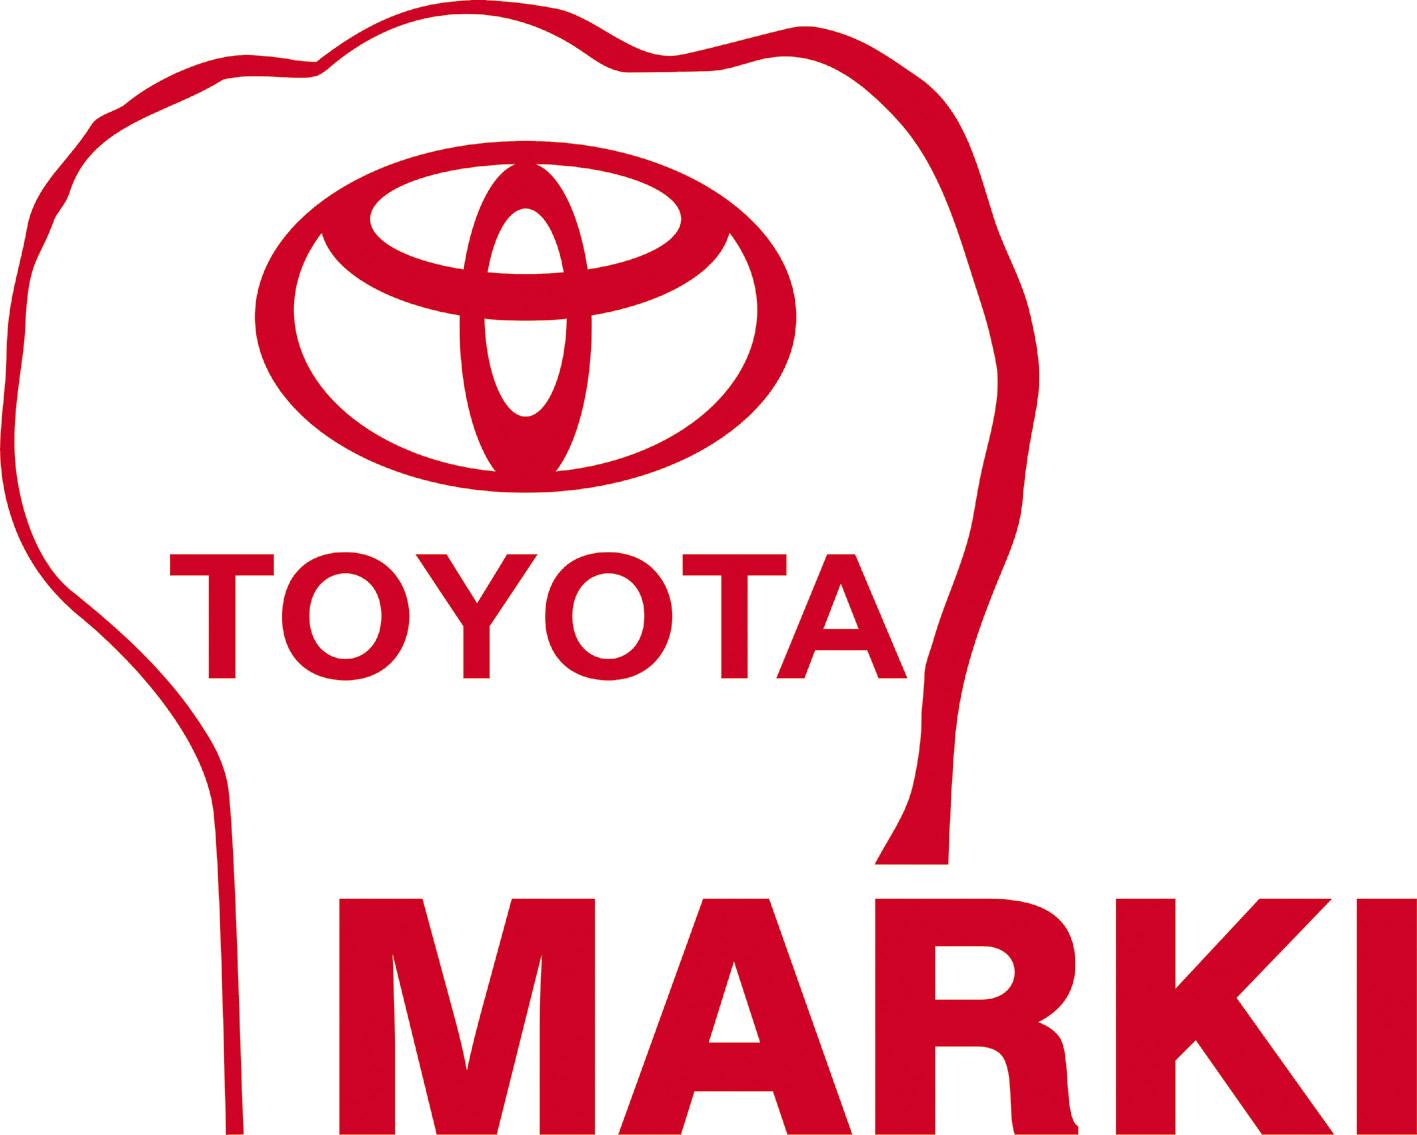 Znalezione obrazy dla zapytania toyota marki logo